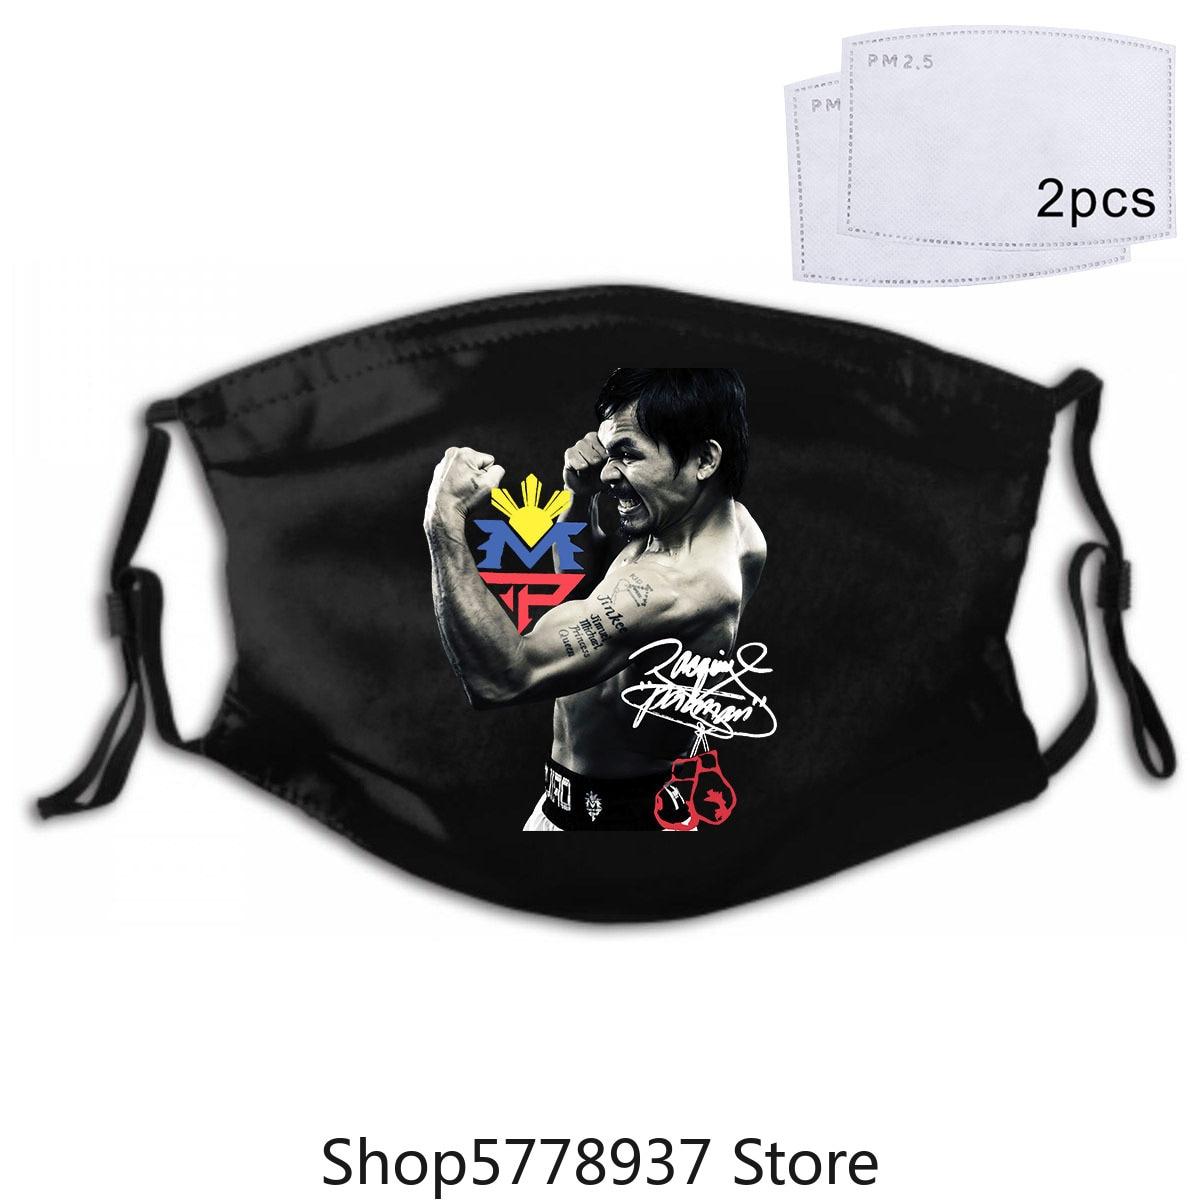 Manny Pacquiao Filipino Boxing Mask Mask Mens Size Small Euc